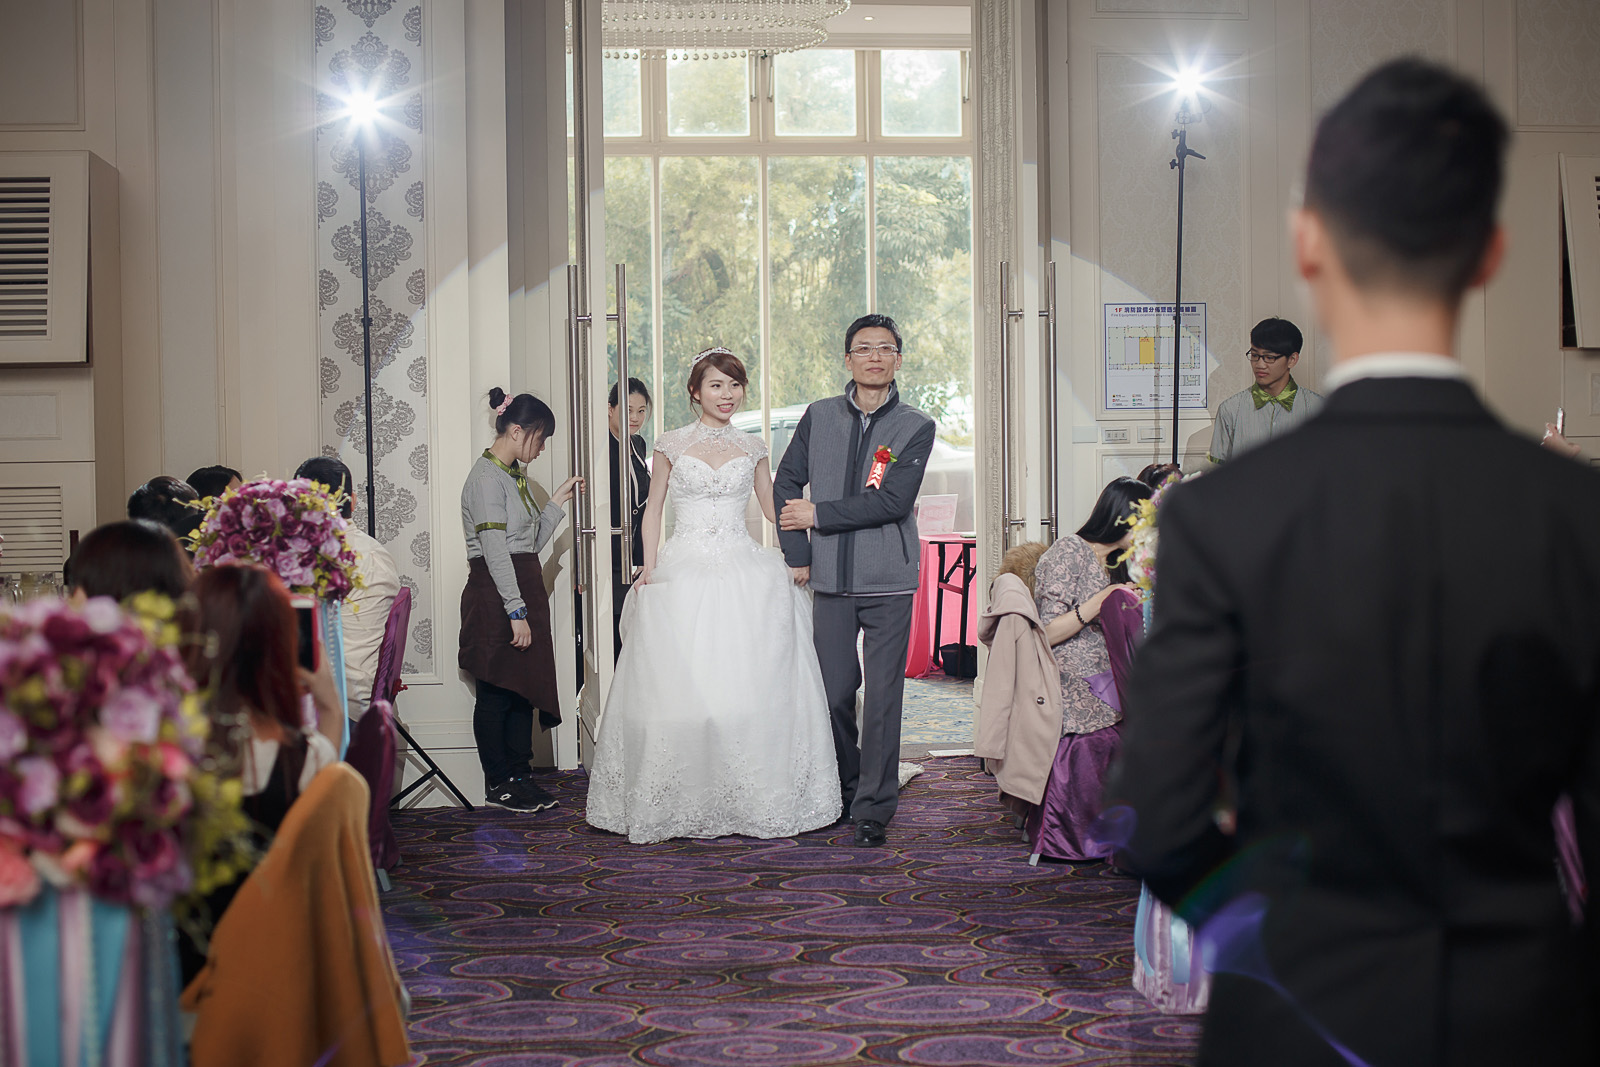 高雄圓山飯店,婚禮攝影,婚攝,高雄婚攝,優質婚攝推薦,Jen&Ethan-243